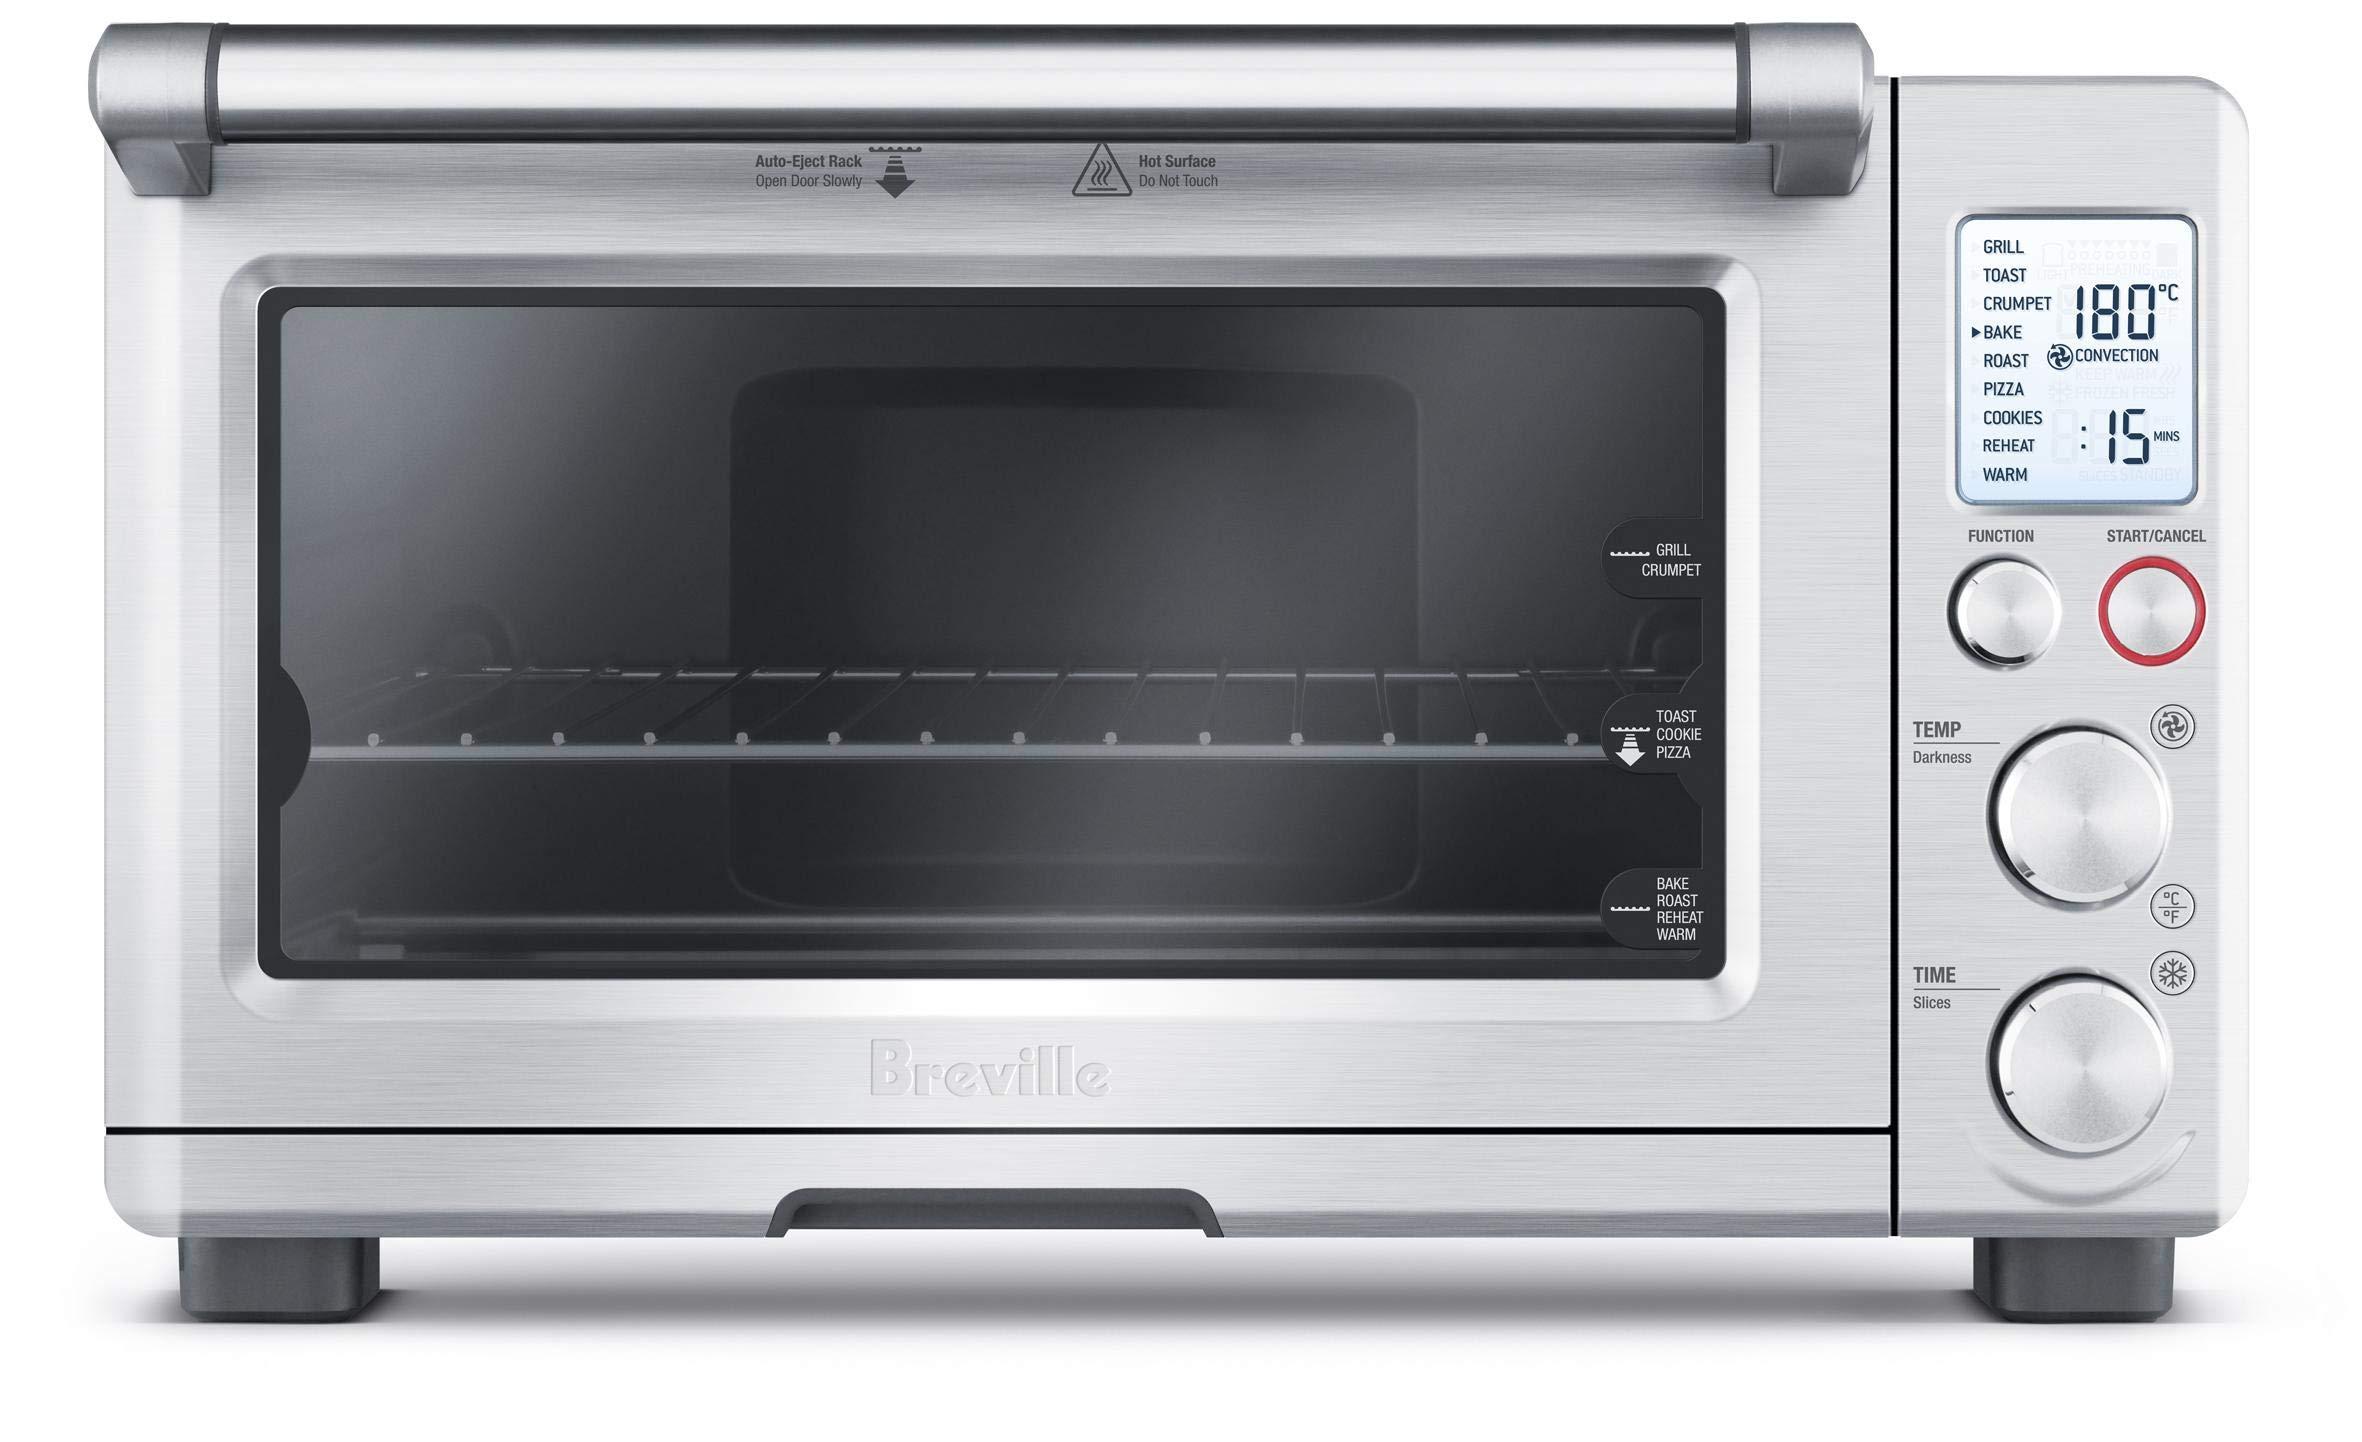 Breville The Smart Oven Pro Bov820 Price In Uae Amazon